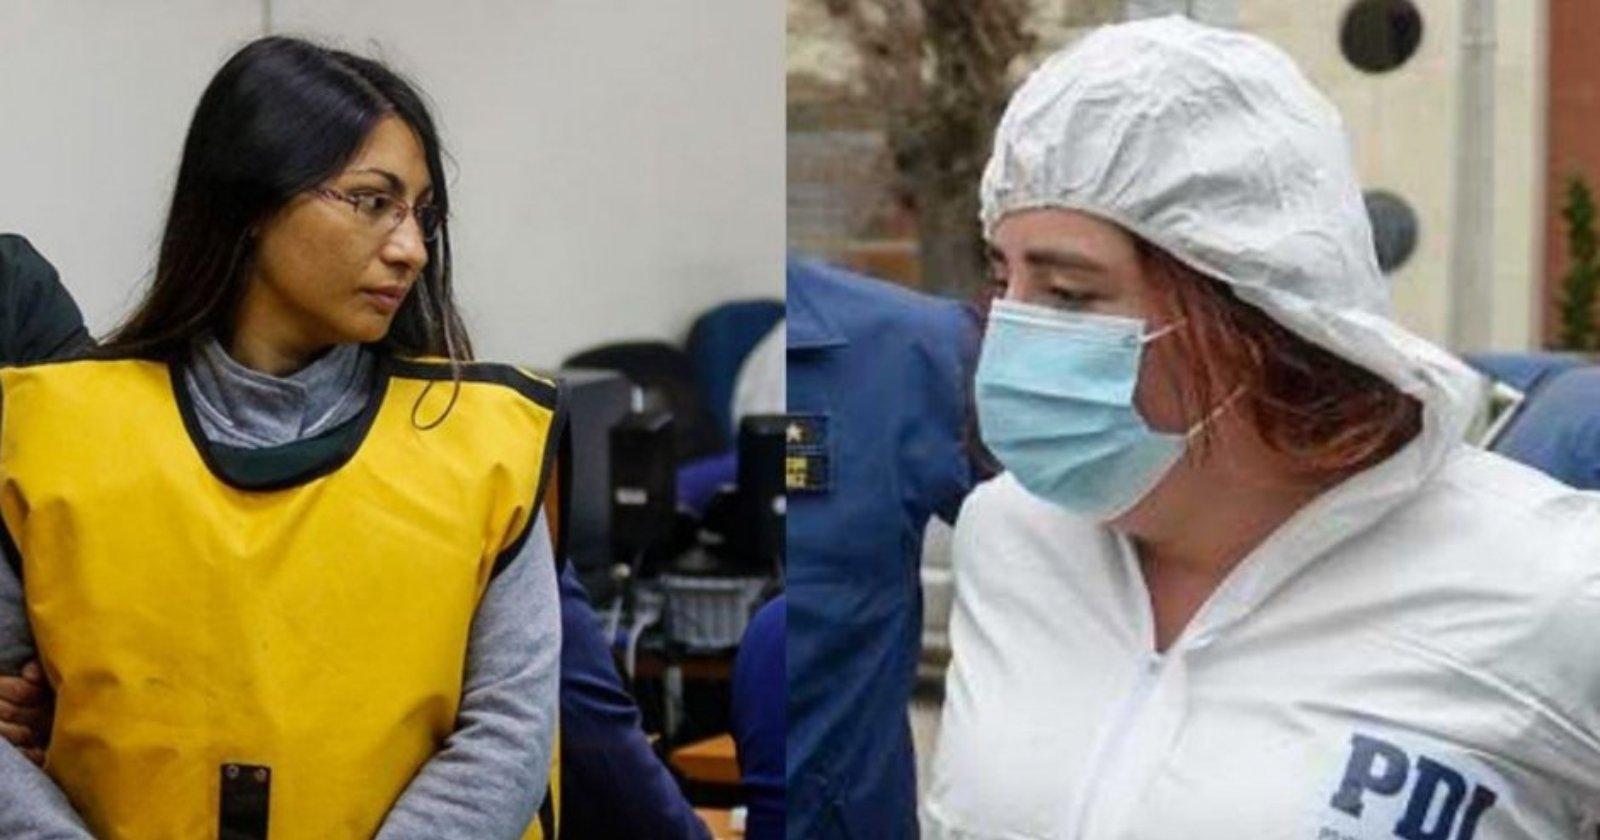 Las similitudes en los perfiles de Johanna Hernández y Denisse Llanos